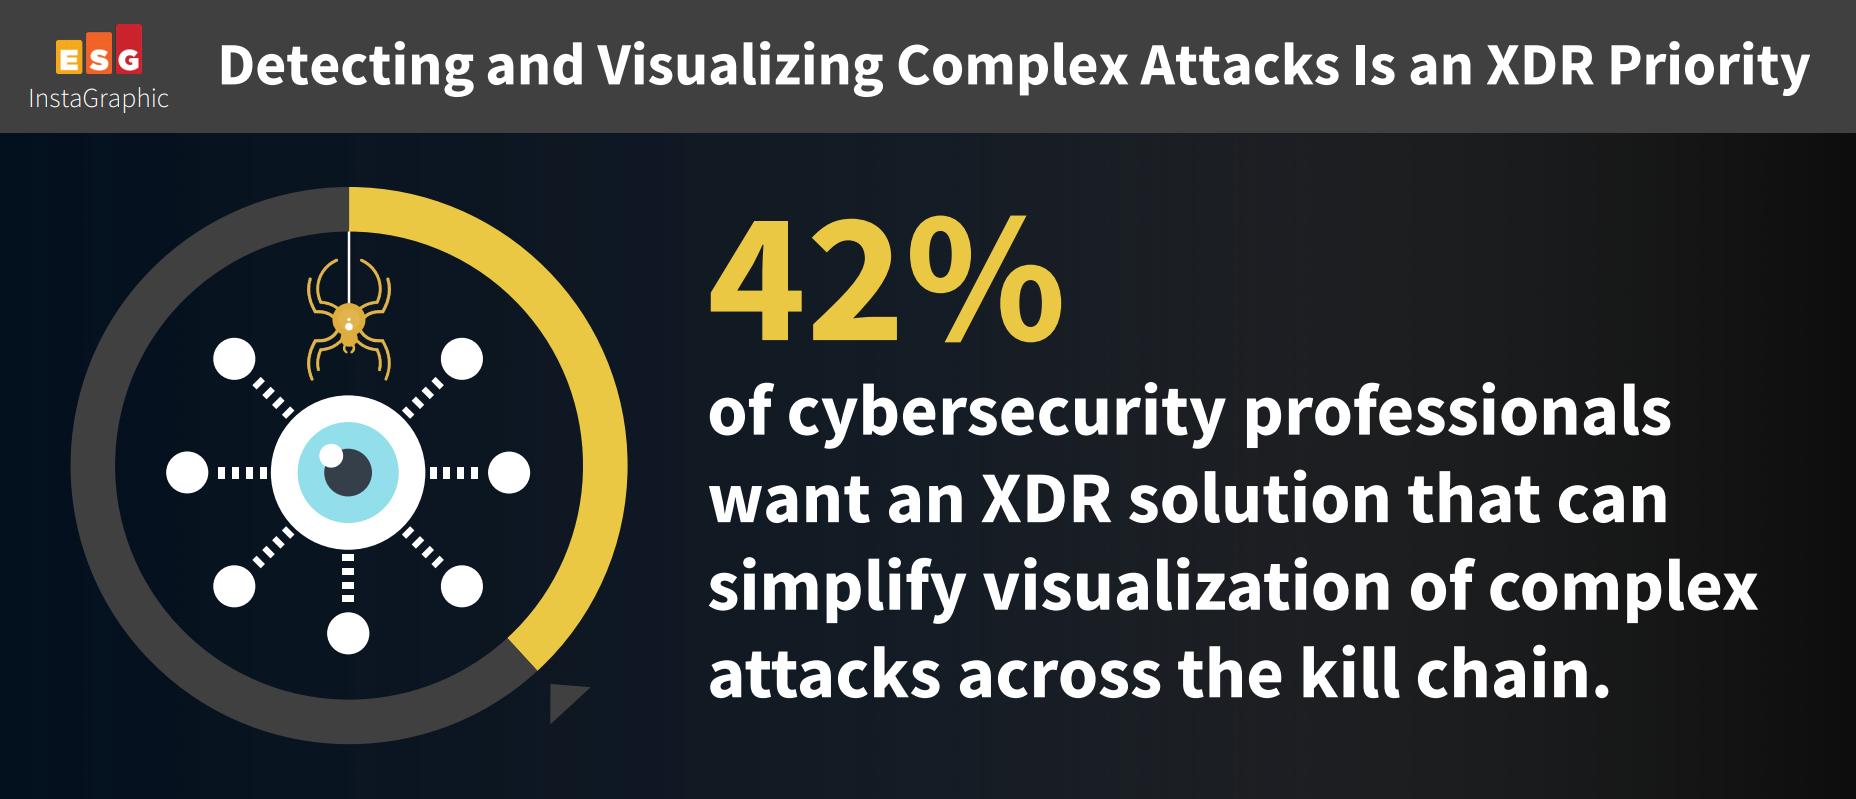 complex-attack-xdr-3